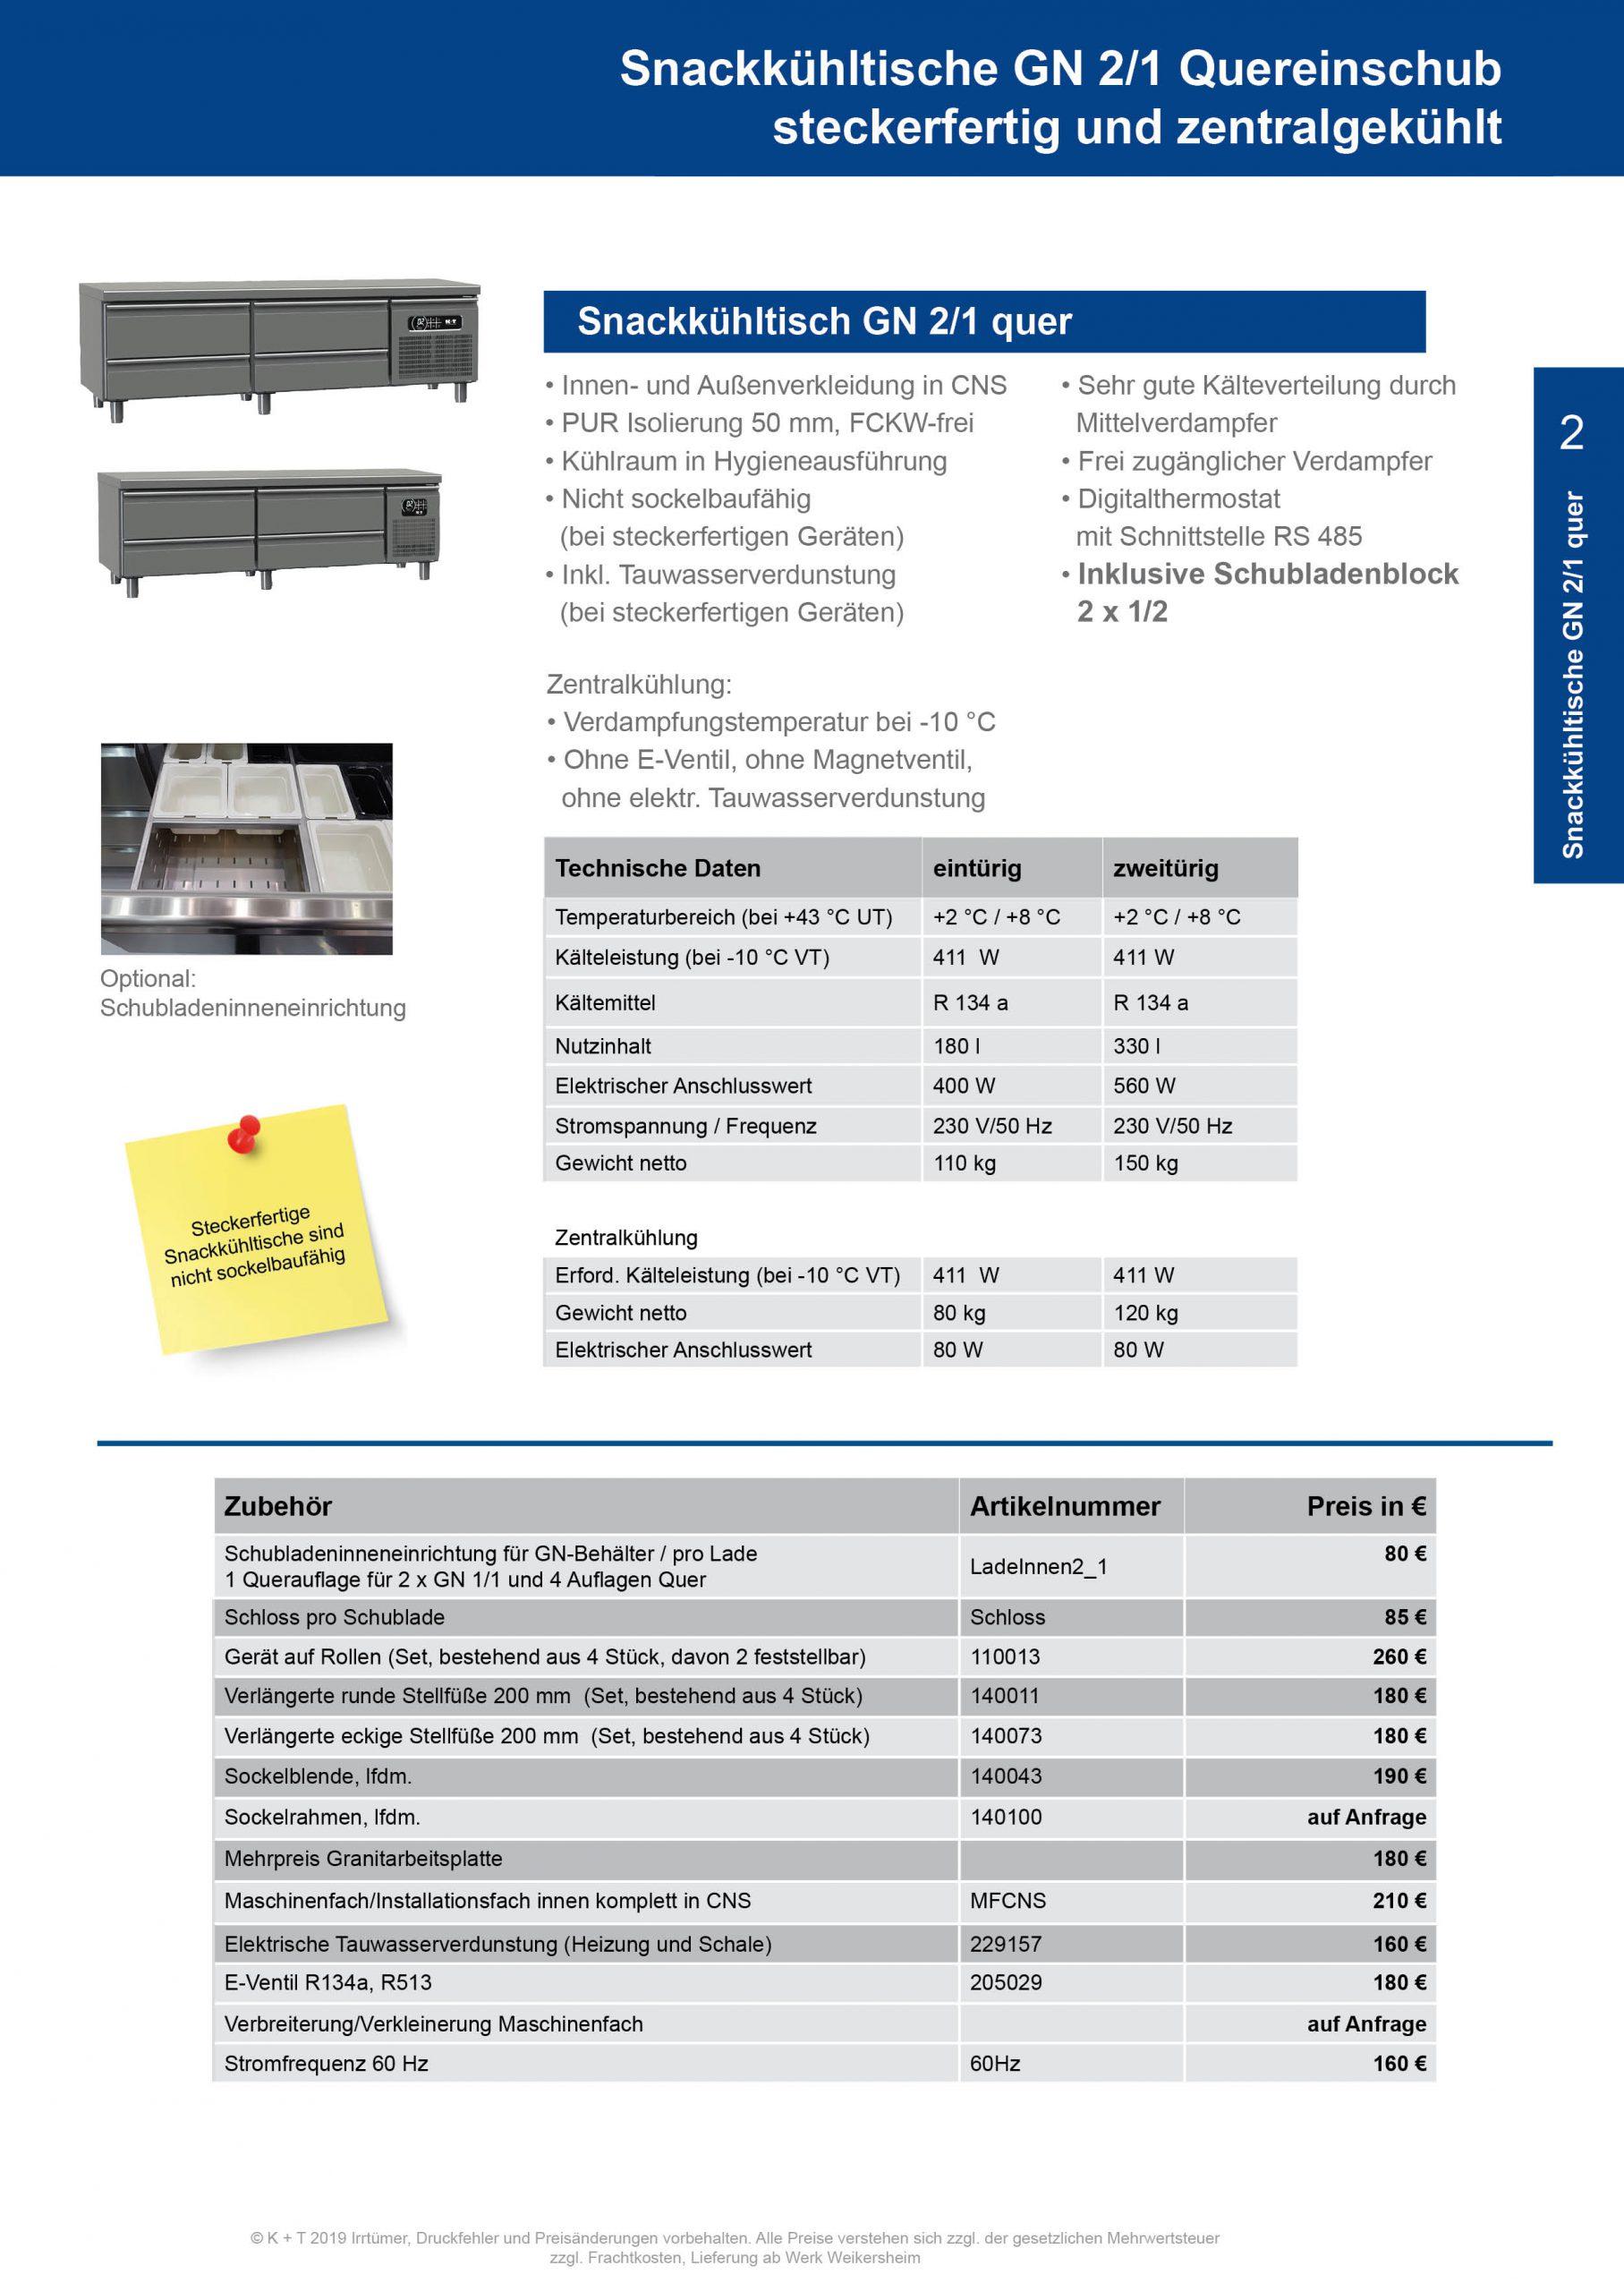 Snackkühltisch GN 2_1 Quereinschub Korpus 700 steckerfertig+zentralgekühlt 2